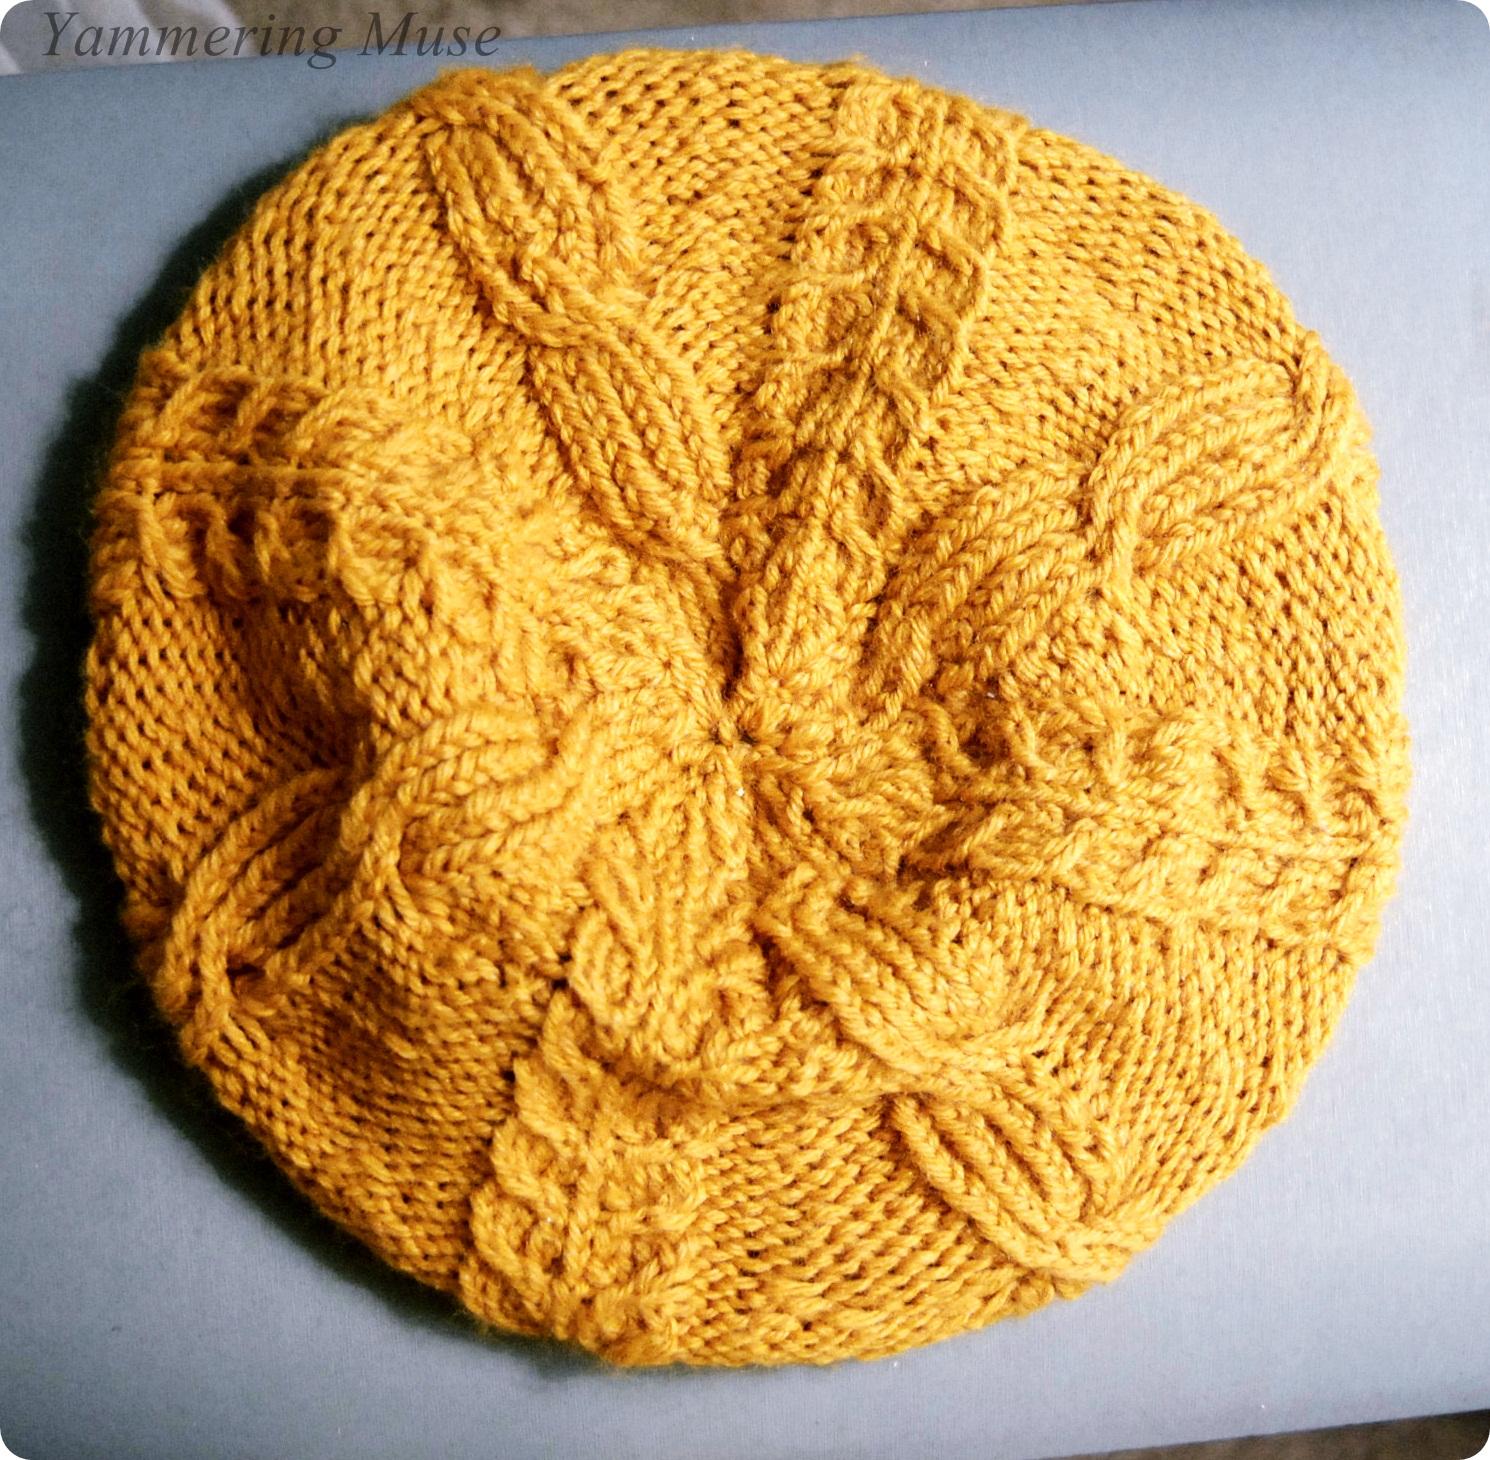 Buttercup Beret Knitting Pattern : Yammering Muse: Mustard Buttercup